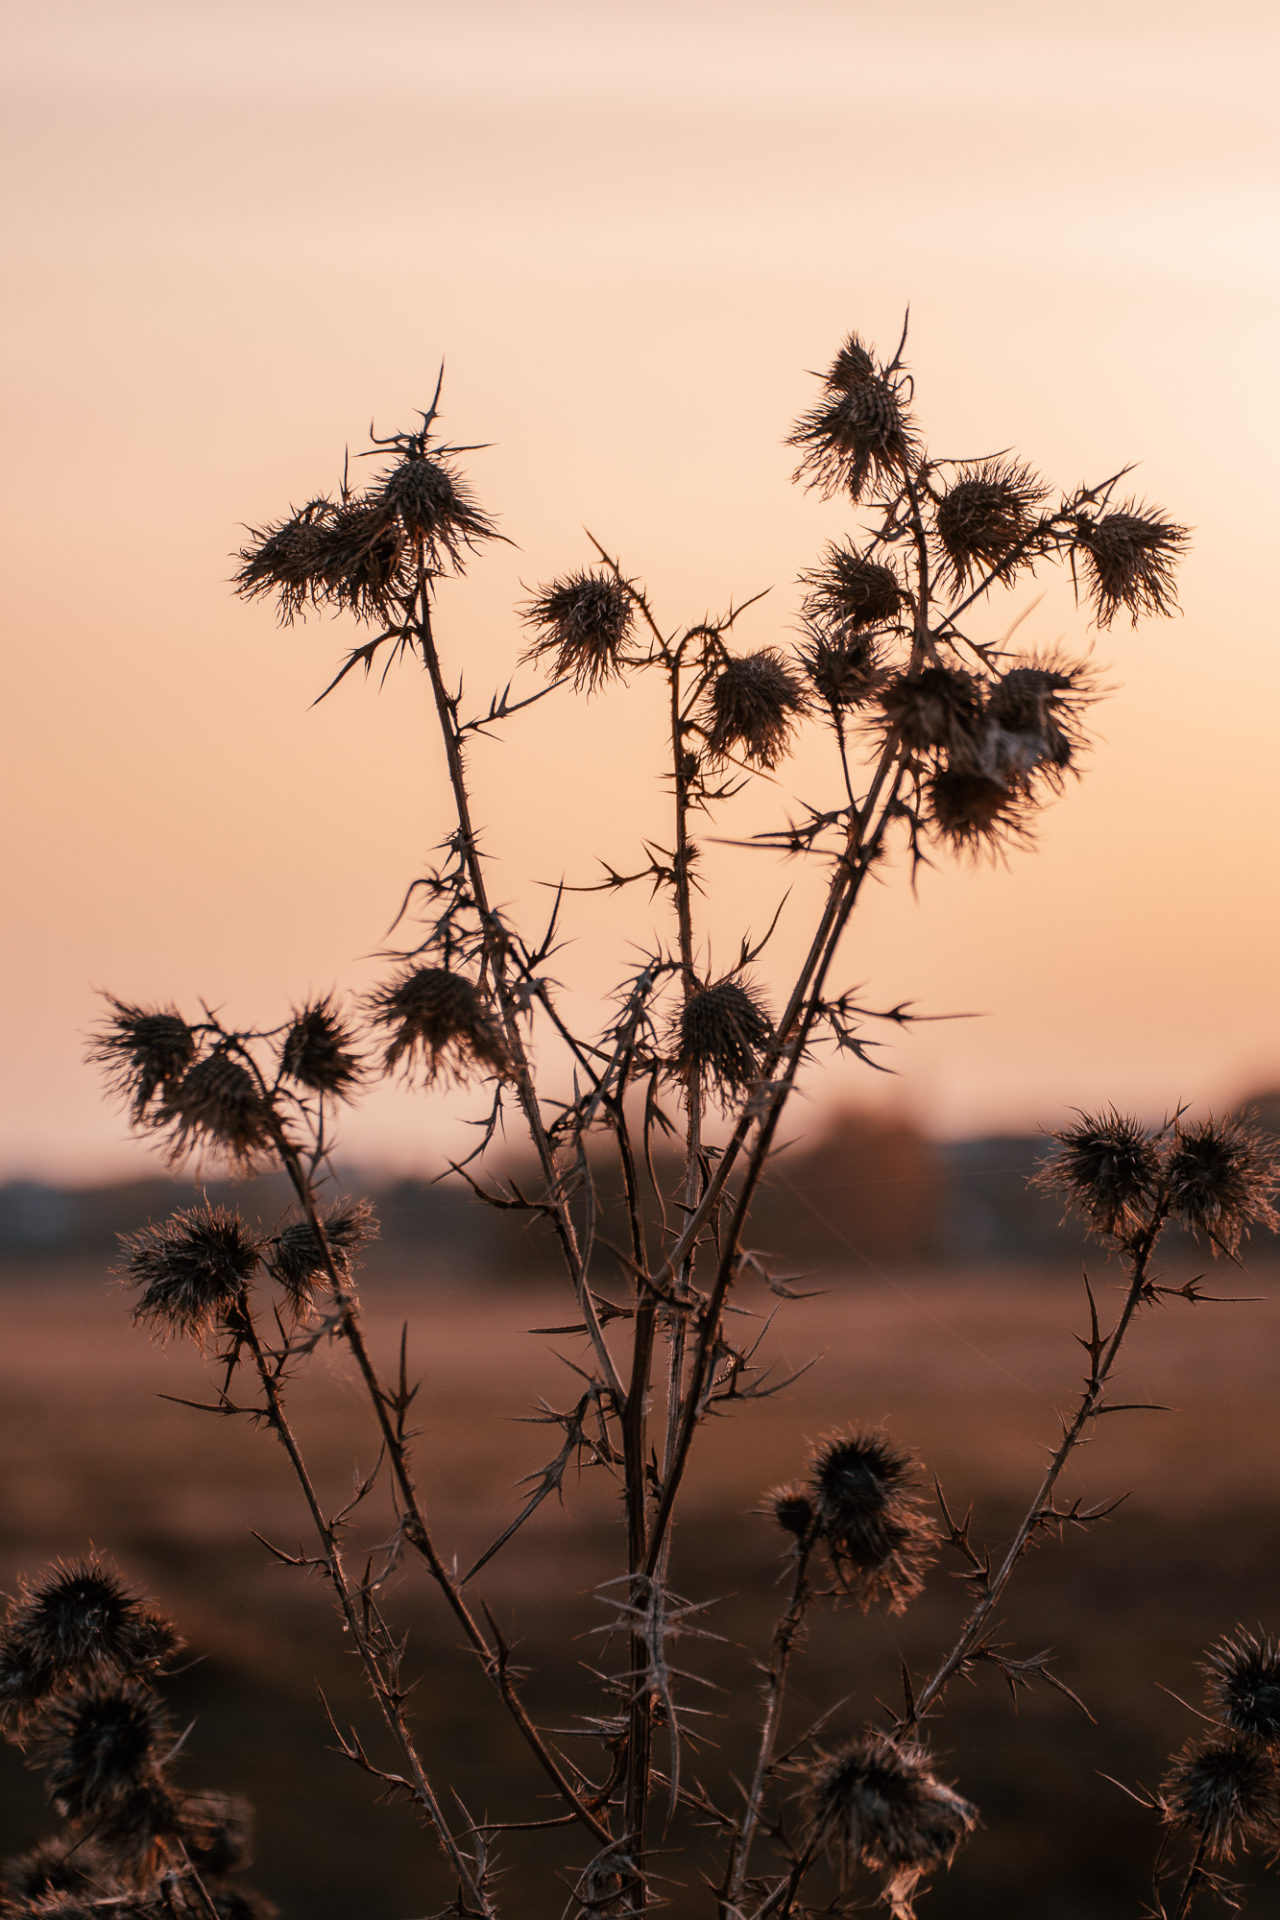 Herbstliche Pflanzen im Gegenlicht am Abend